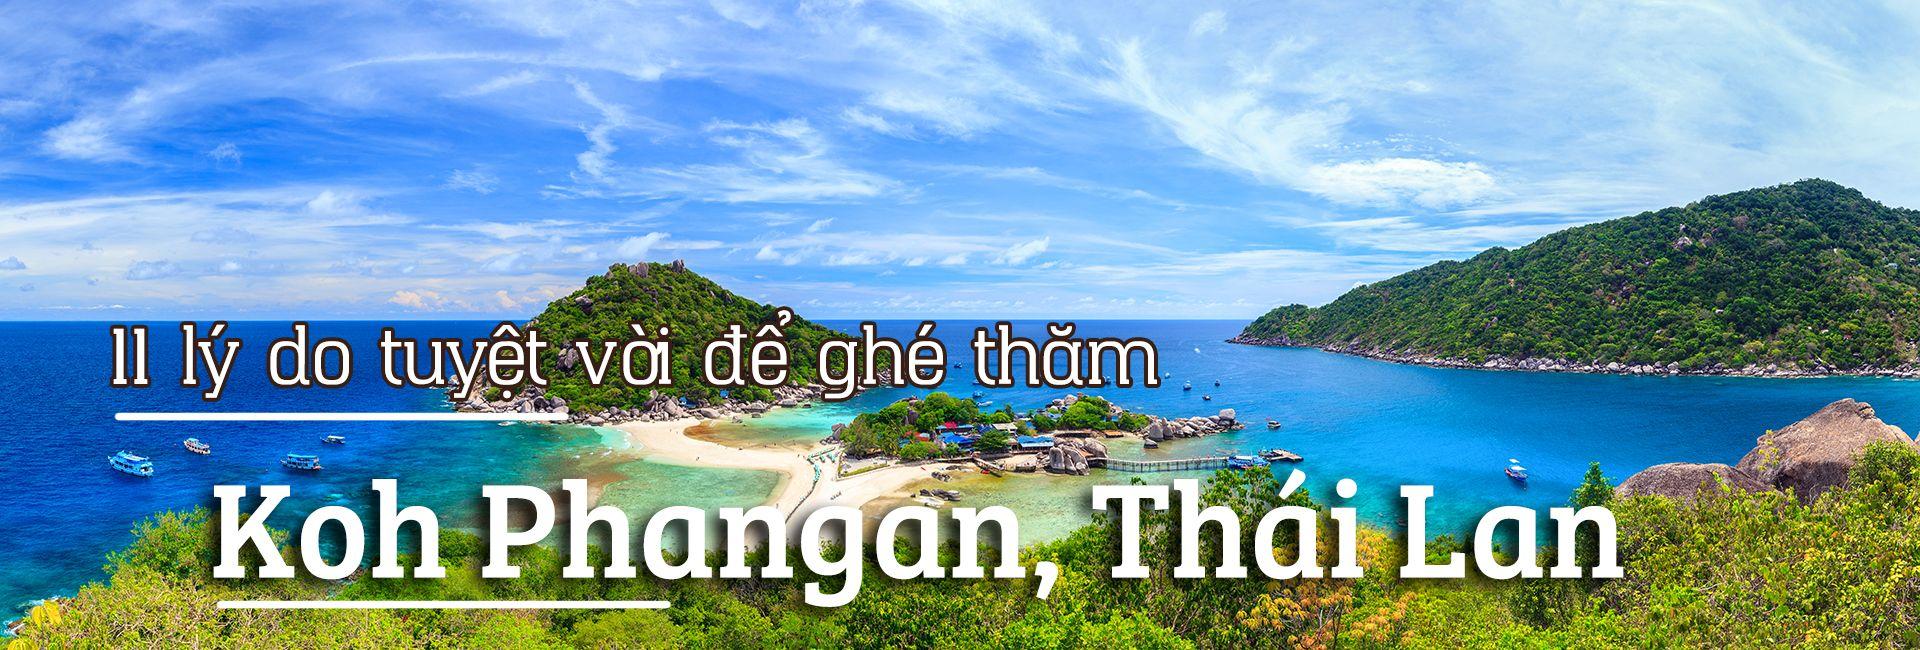 11 lý do tuyệt vời để ghé thăm Koh Phangan, Thái Lan